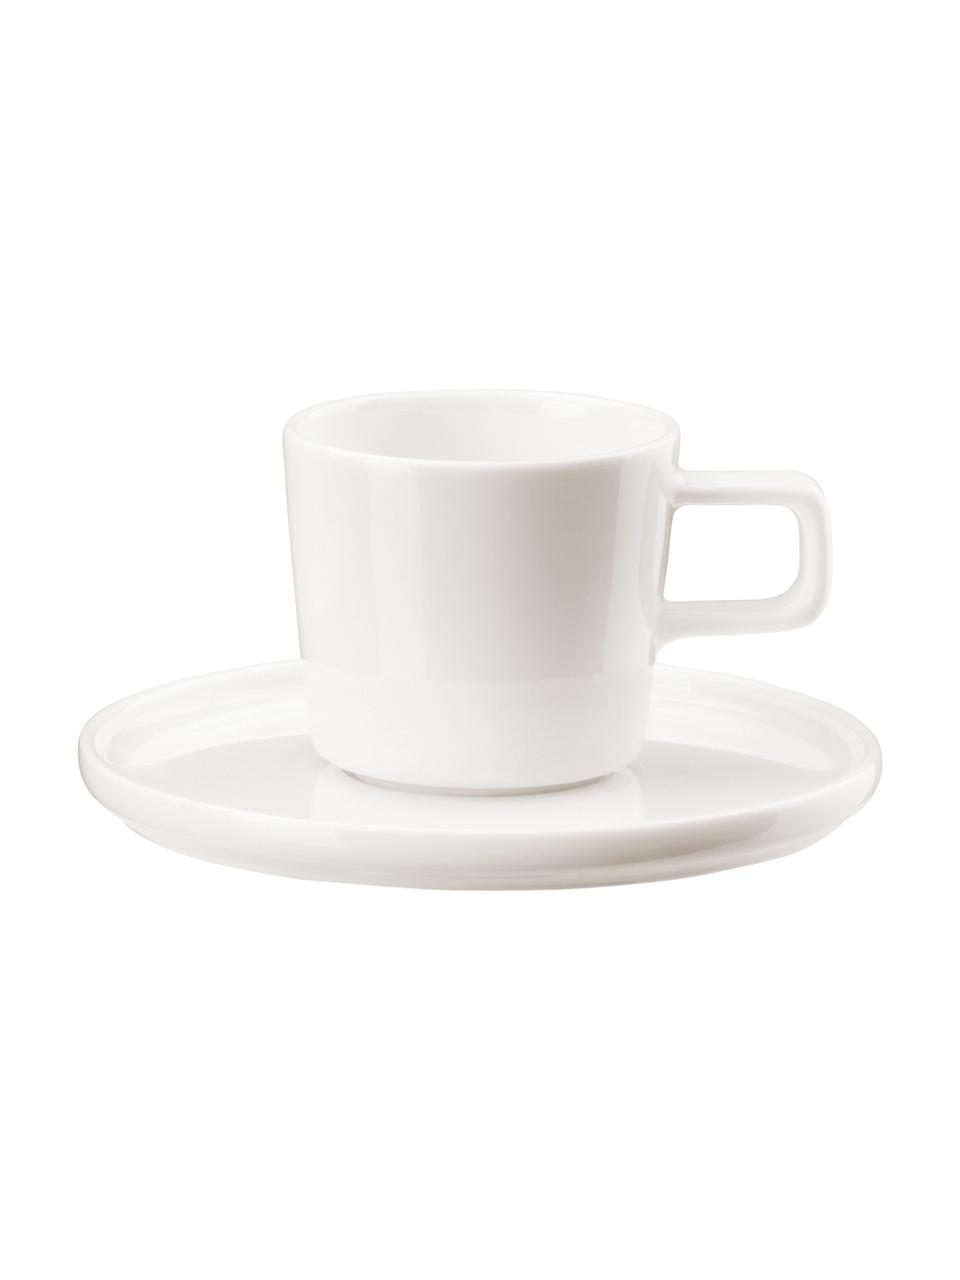 Porcelanowa filiżanka do espresso ze spodkiem Oco, 6 szt., Fine Bone China (porcelana kostna) Jest to miękka porcelana wyróżniająca się wyjątkowym, półprzezroczystym połyskiem, Kość słoniowa, Ø 6 cm